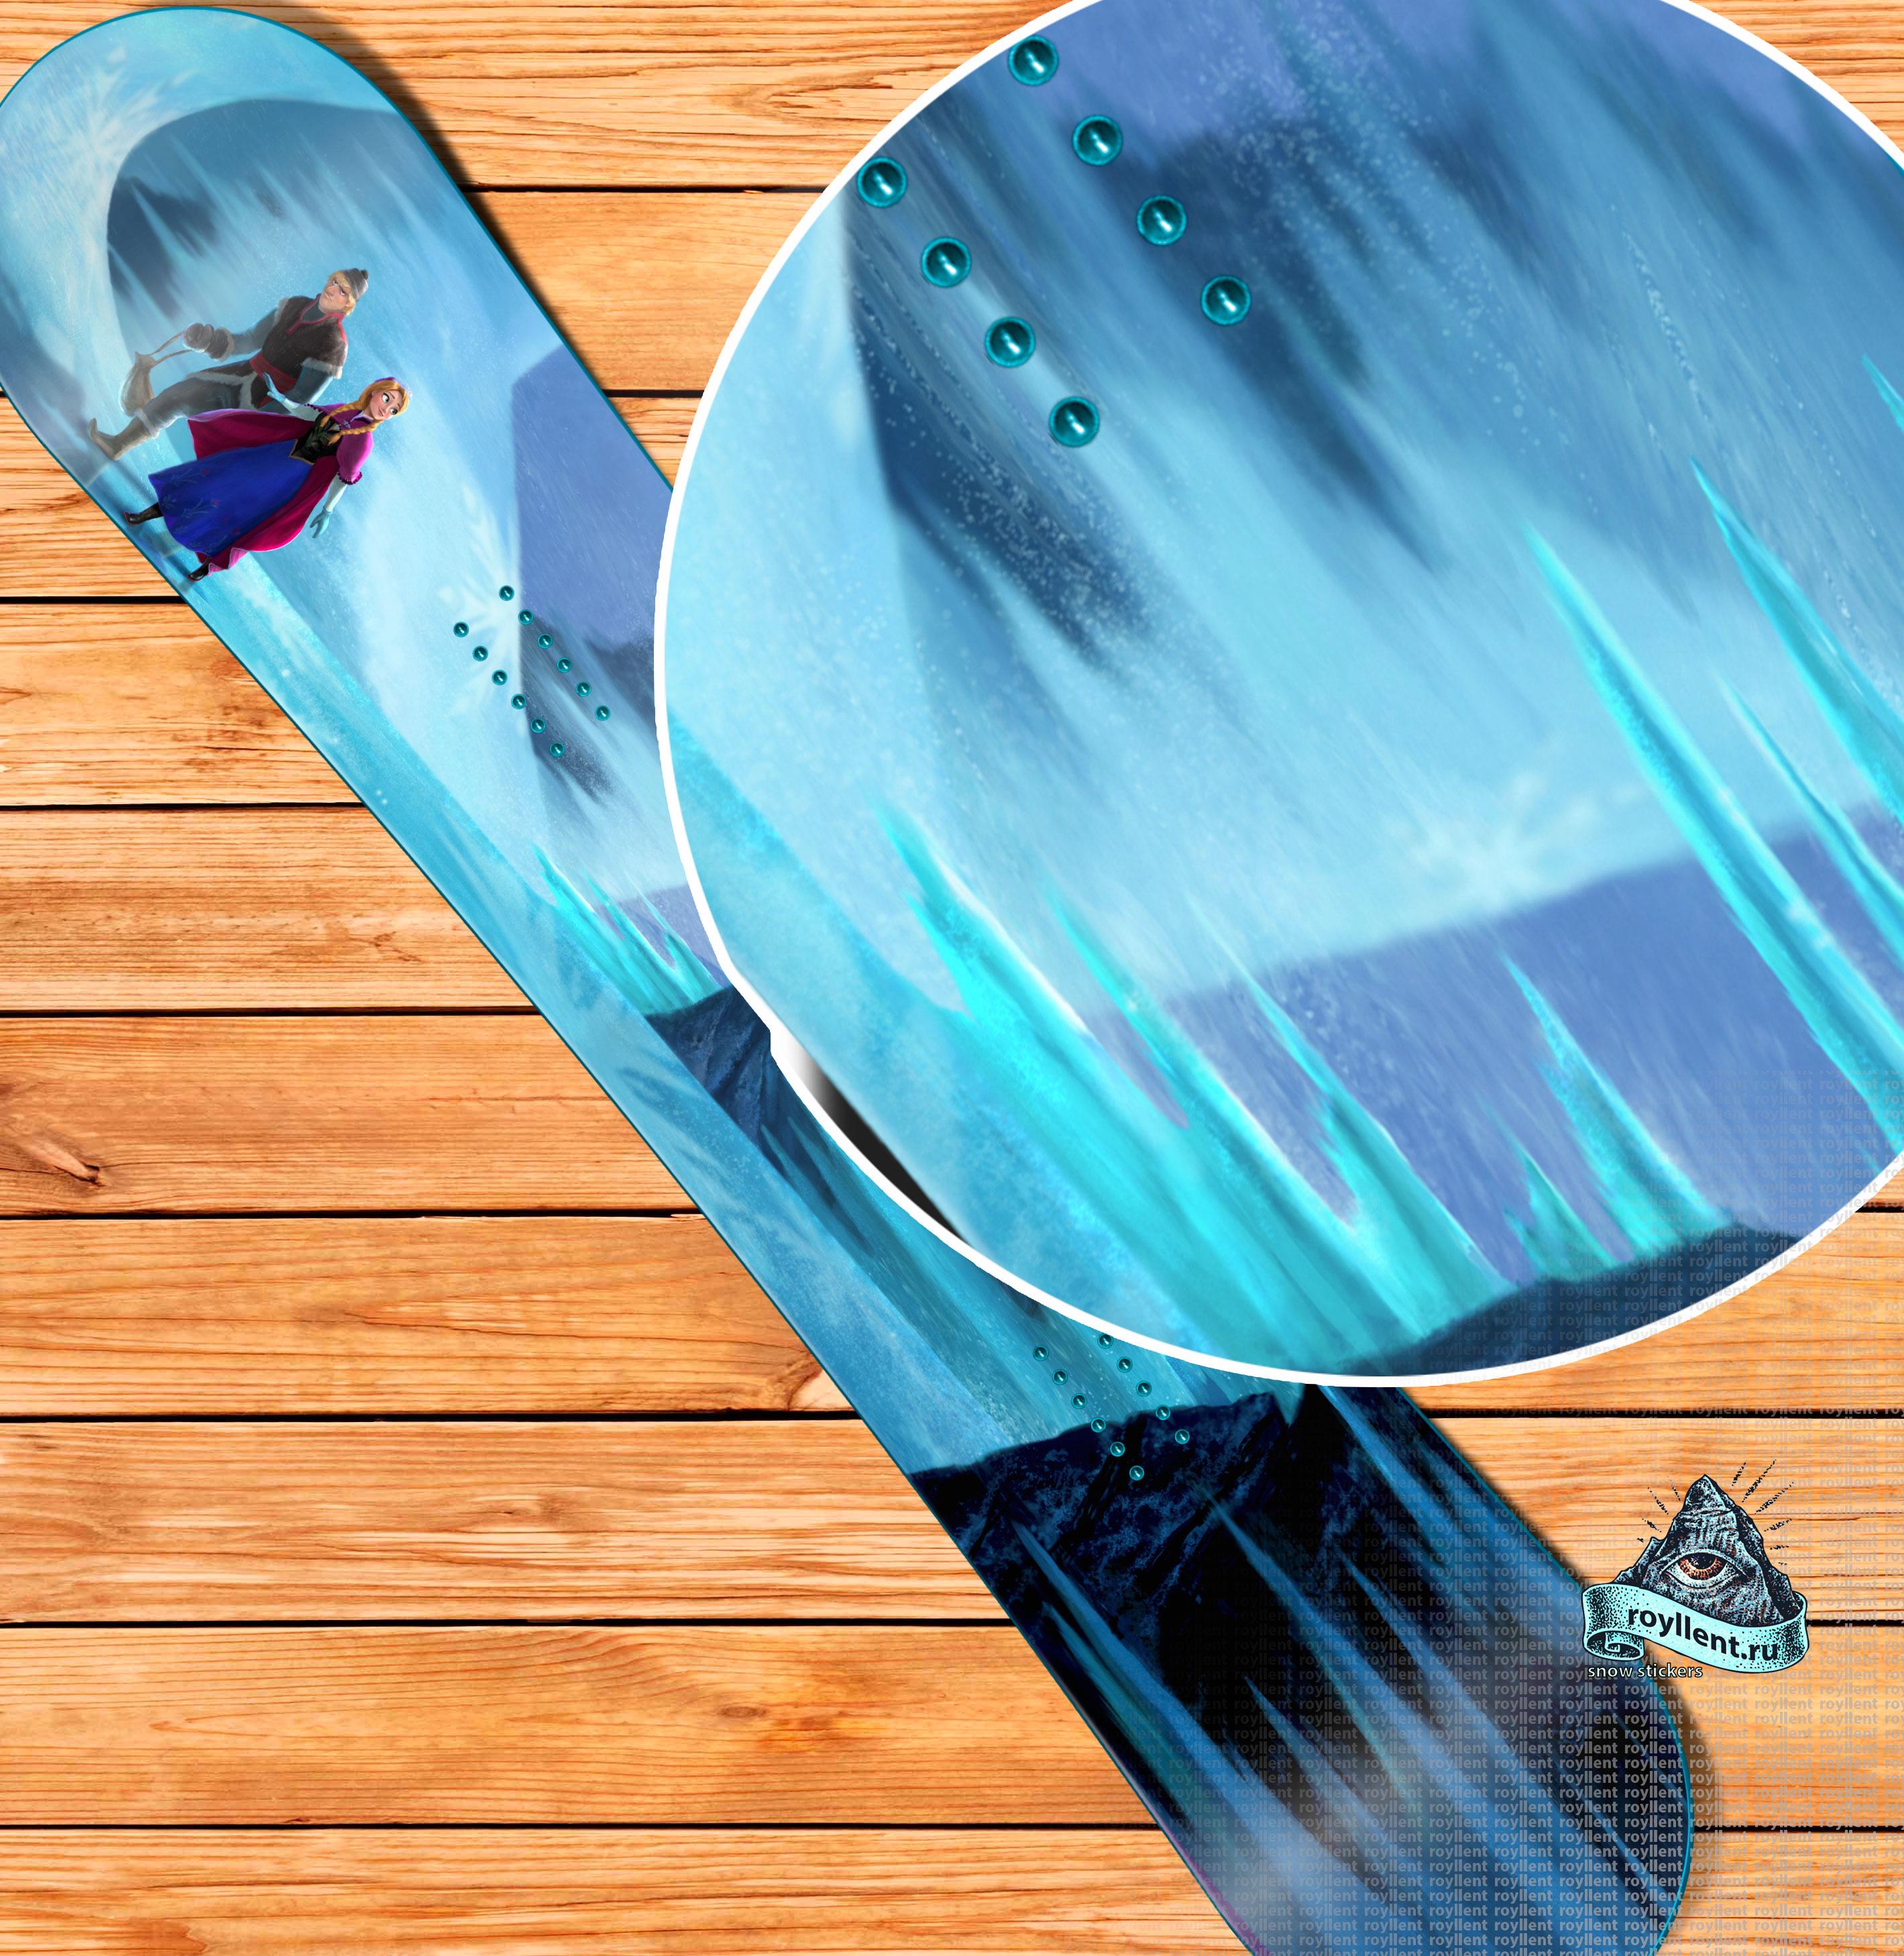 Купить сноуборд наклейку самый большой выбор интернет магазин срочно